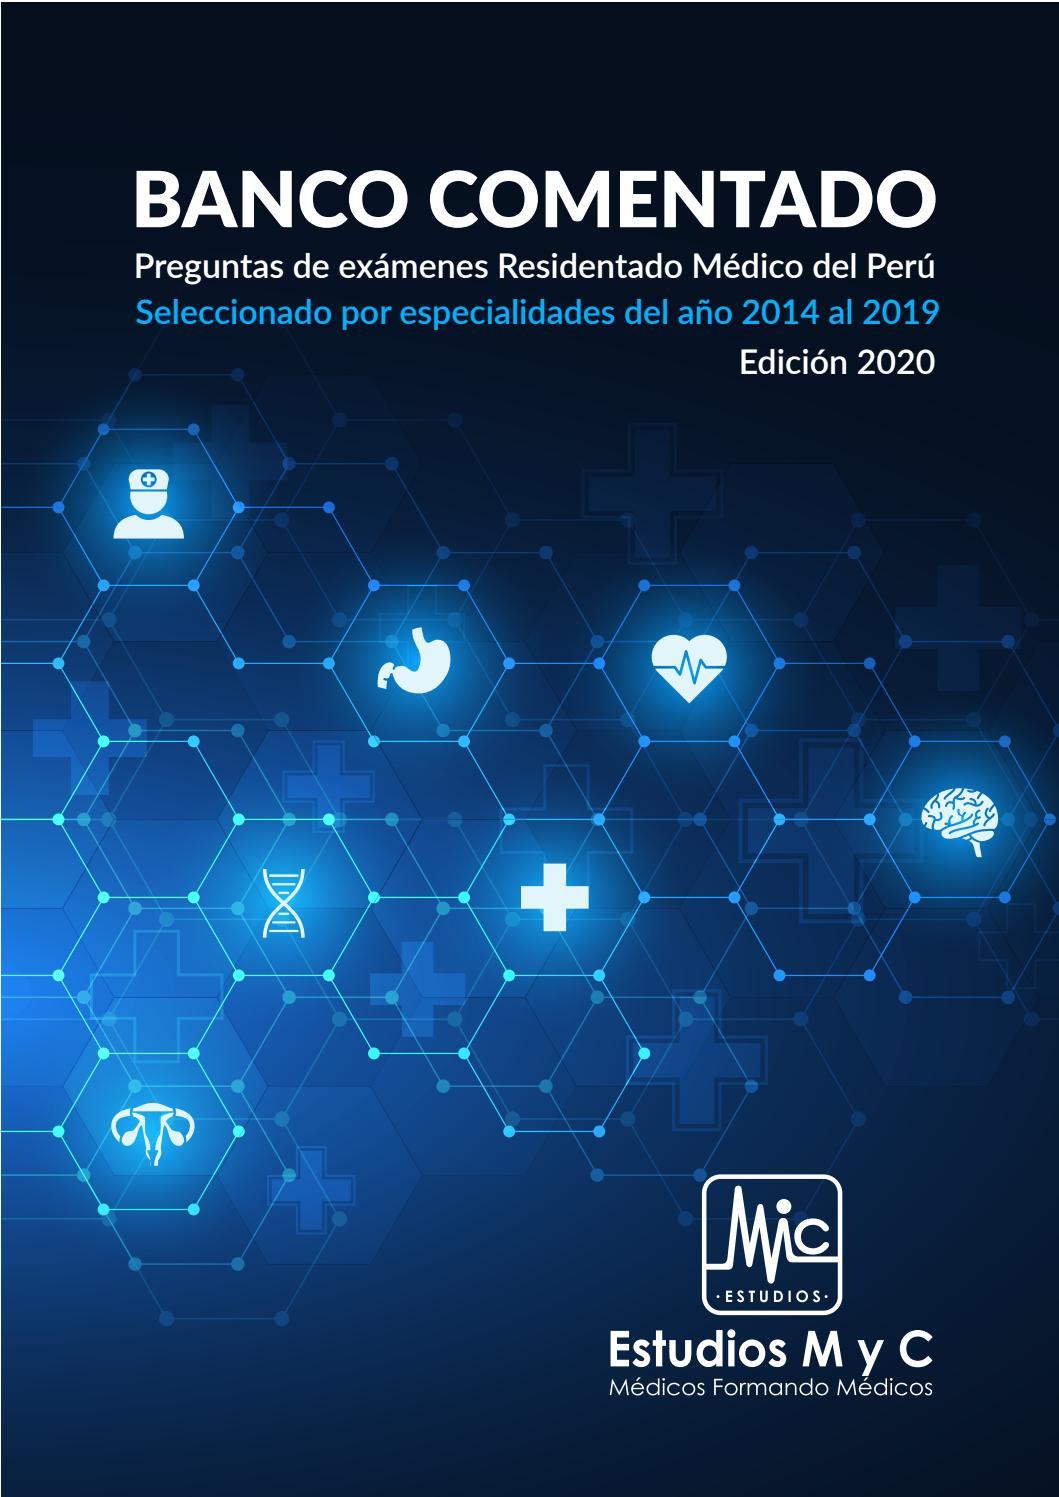 Banco De Preguntas Residentado Medico Del Peru By Estudios M Y C Issuu